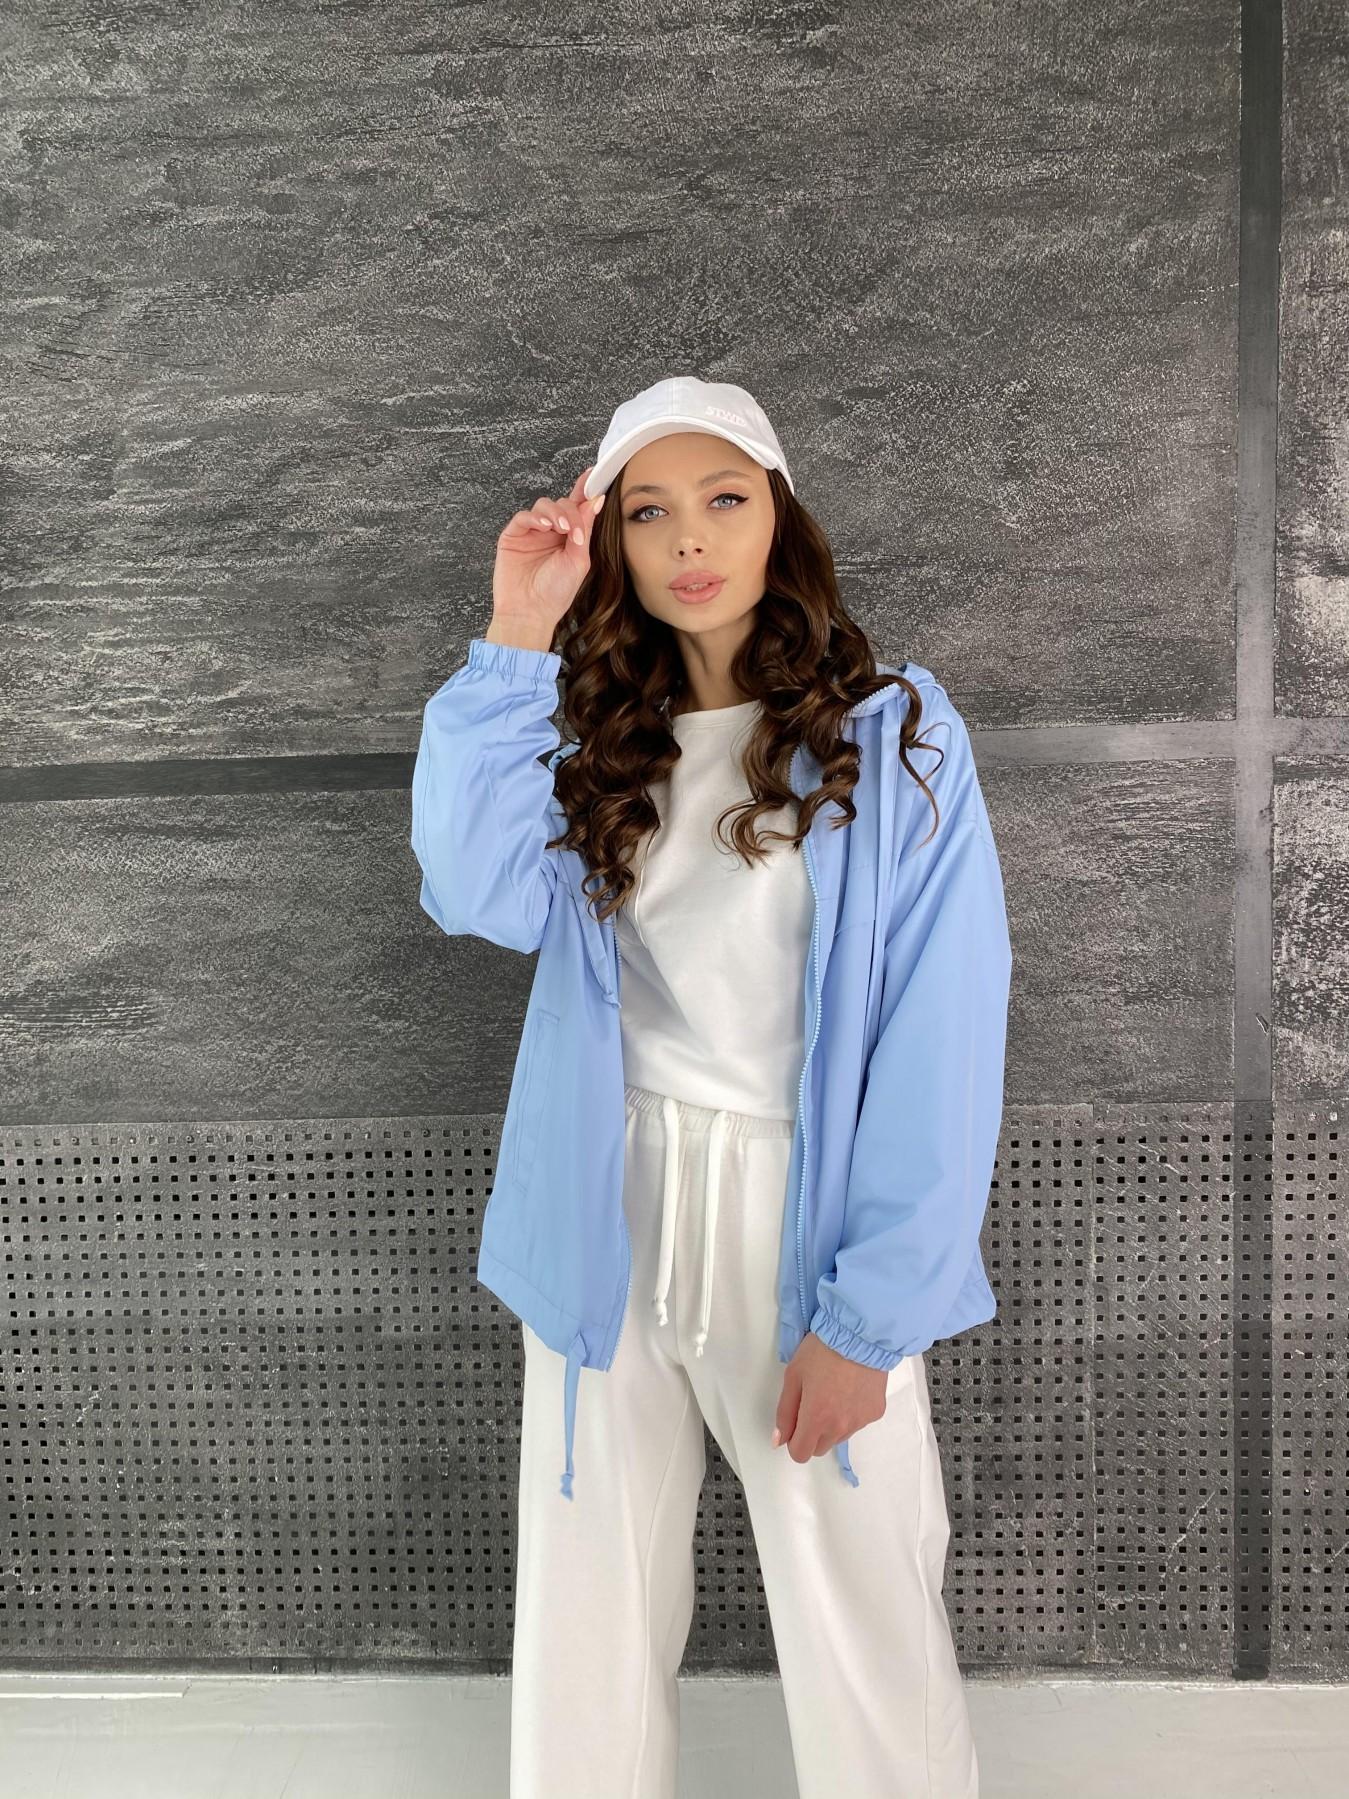 Фит куртка из плащевой ткани Ammy 11013 АРТ. 47593 Цвет: Голубой - фото 2, интернет магазин tm-modus.ru